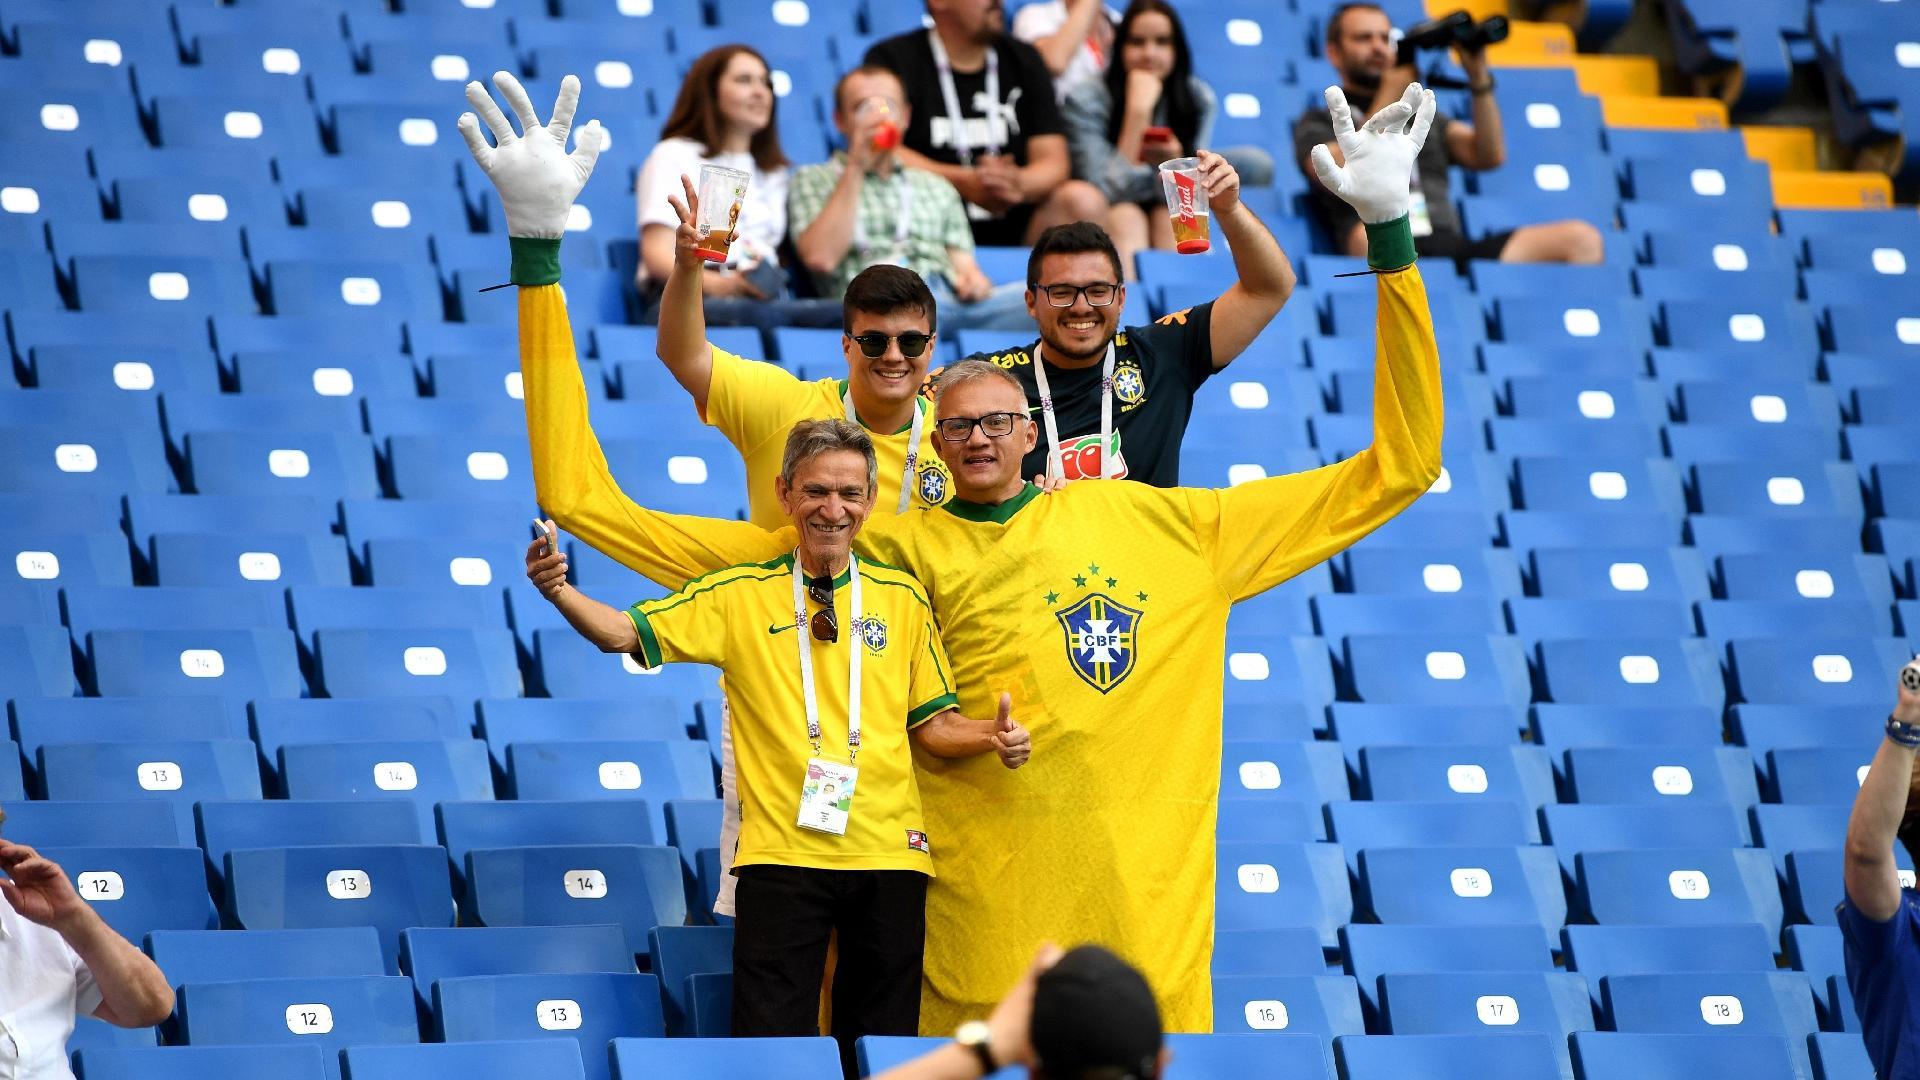 Na estreia do Brasil, todos estão 'abraçados' com as cores verde e amarelo